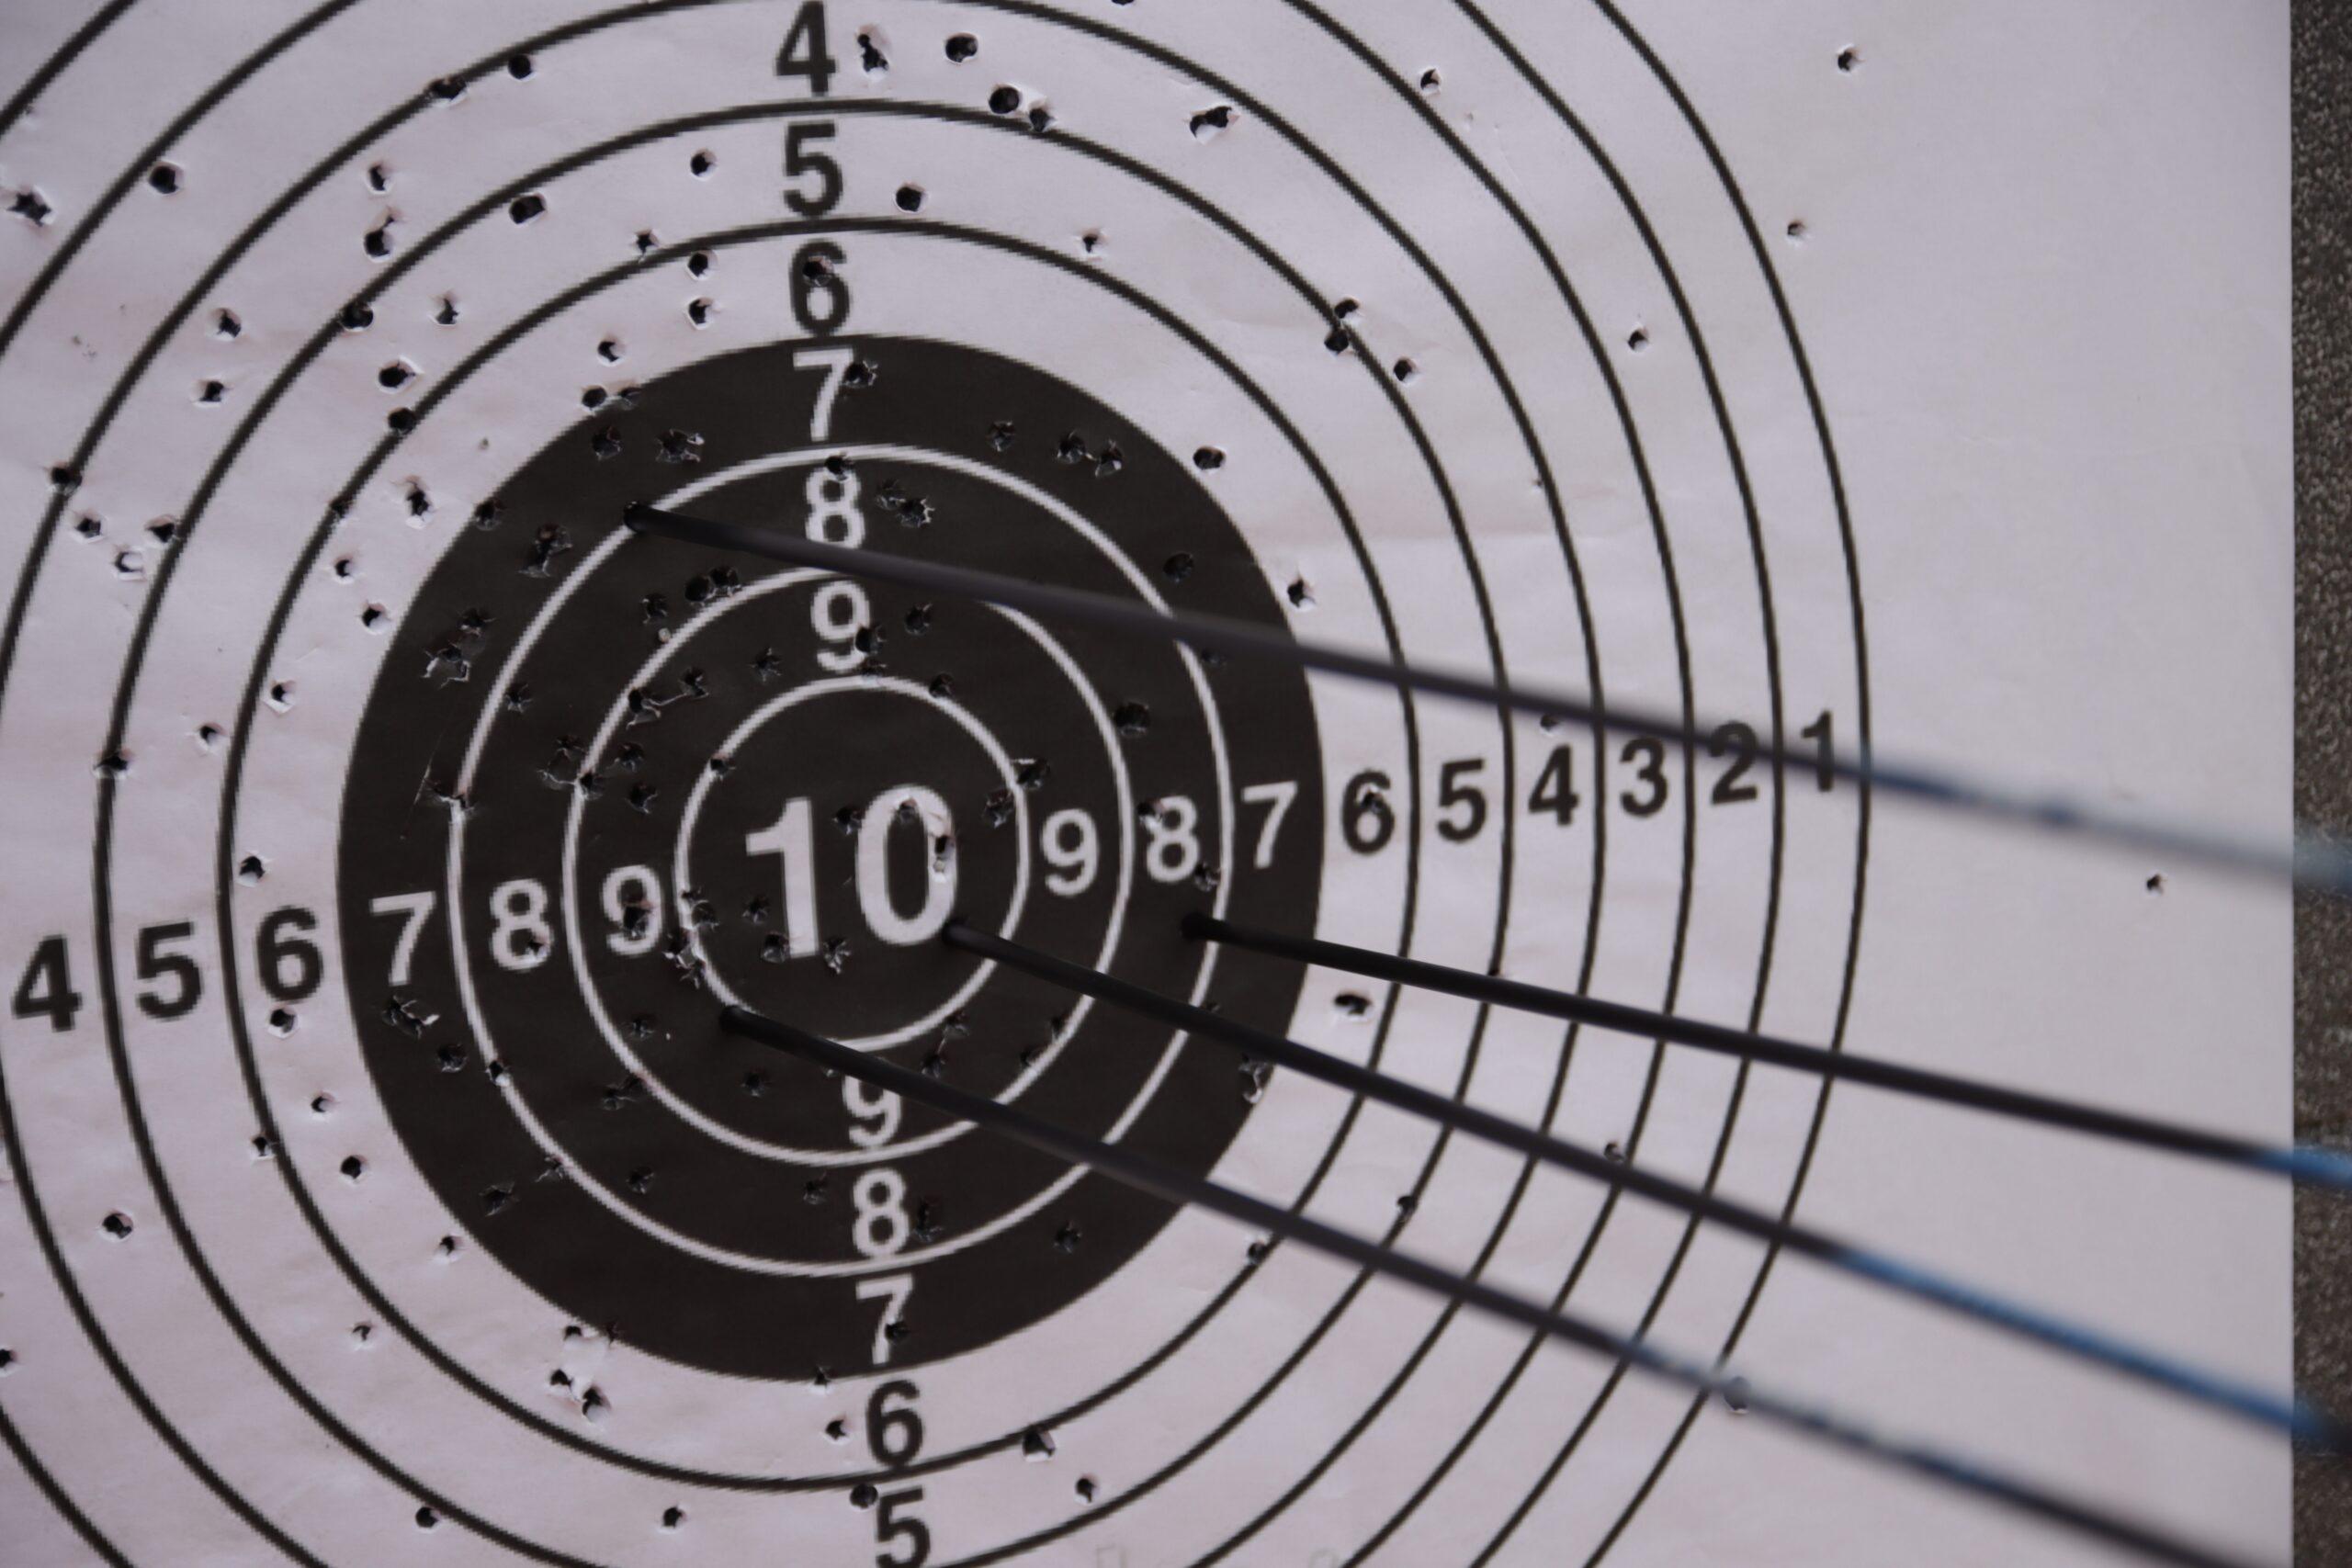 Областные соревнования по стрельбе 2020